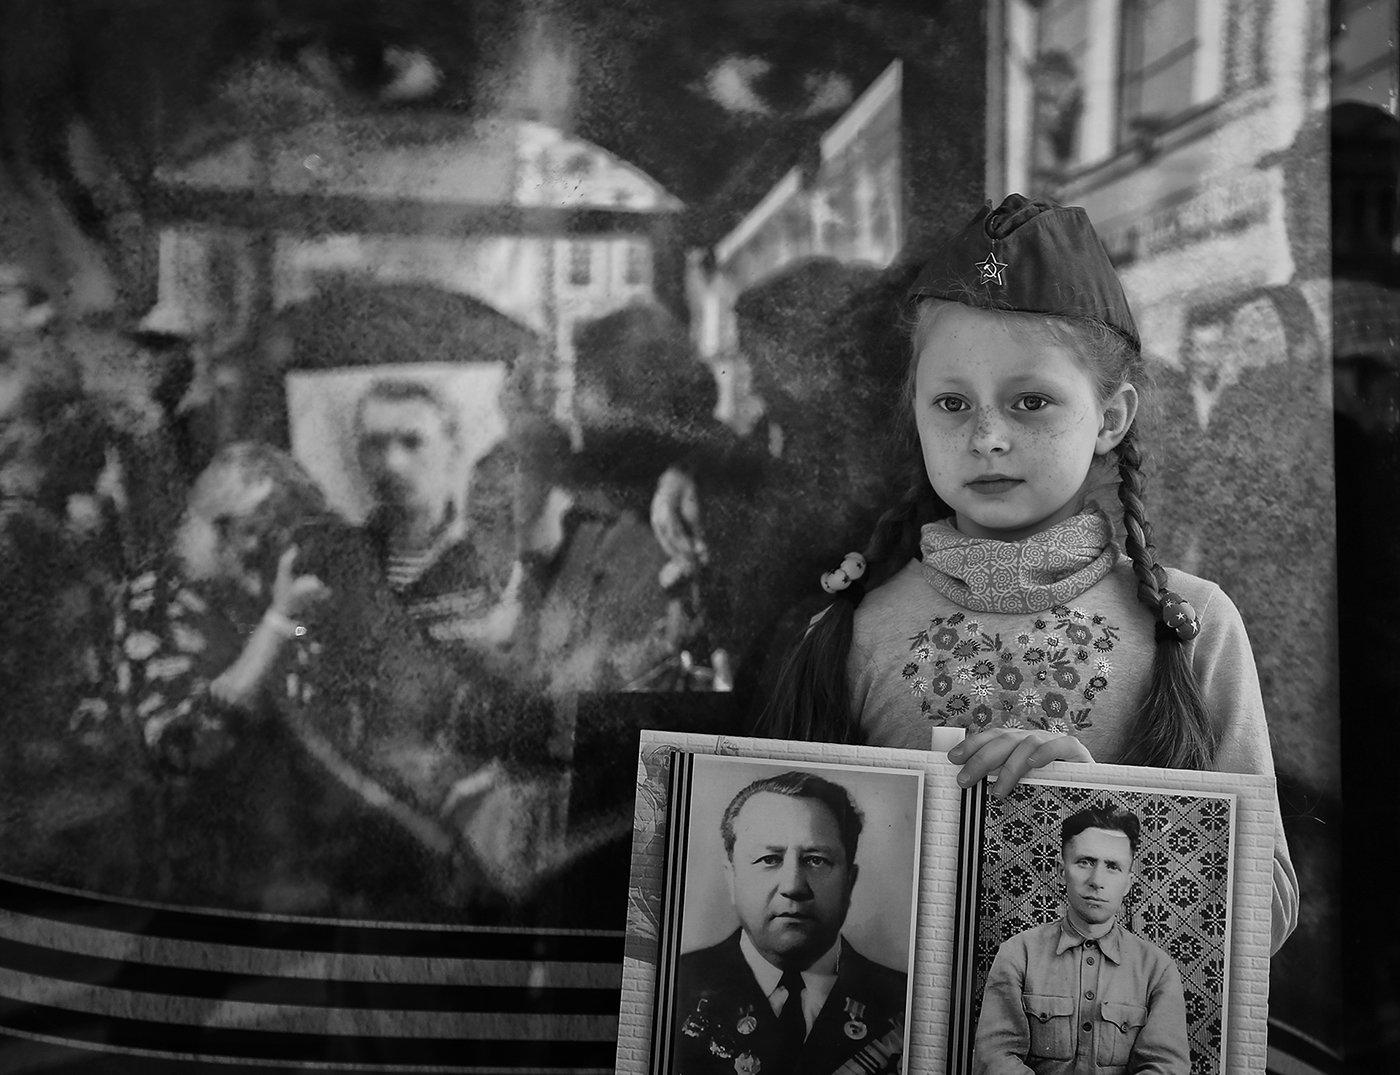 девочка, день победы, 9 мая, питер, бессмертный полк, пилотка, праздник, прадед, веснушки, Alla Sokolova